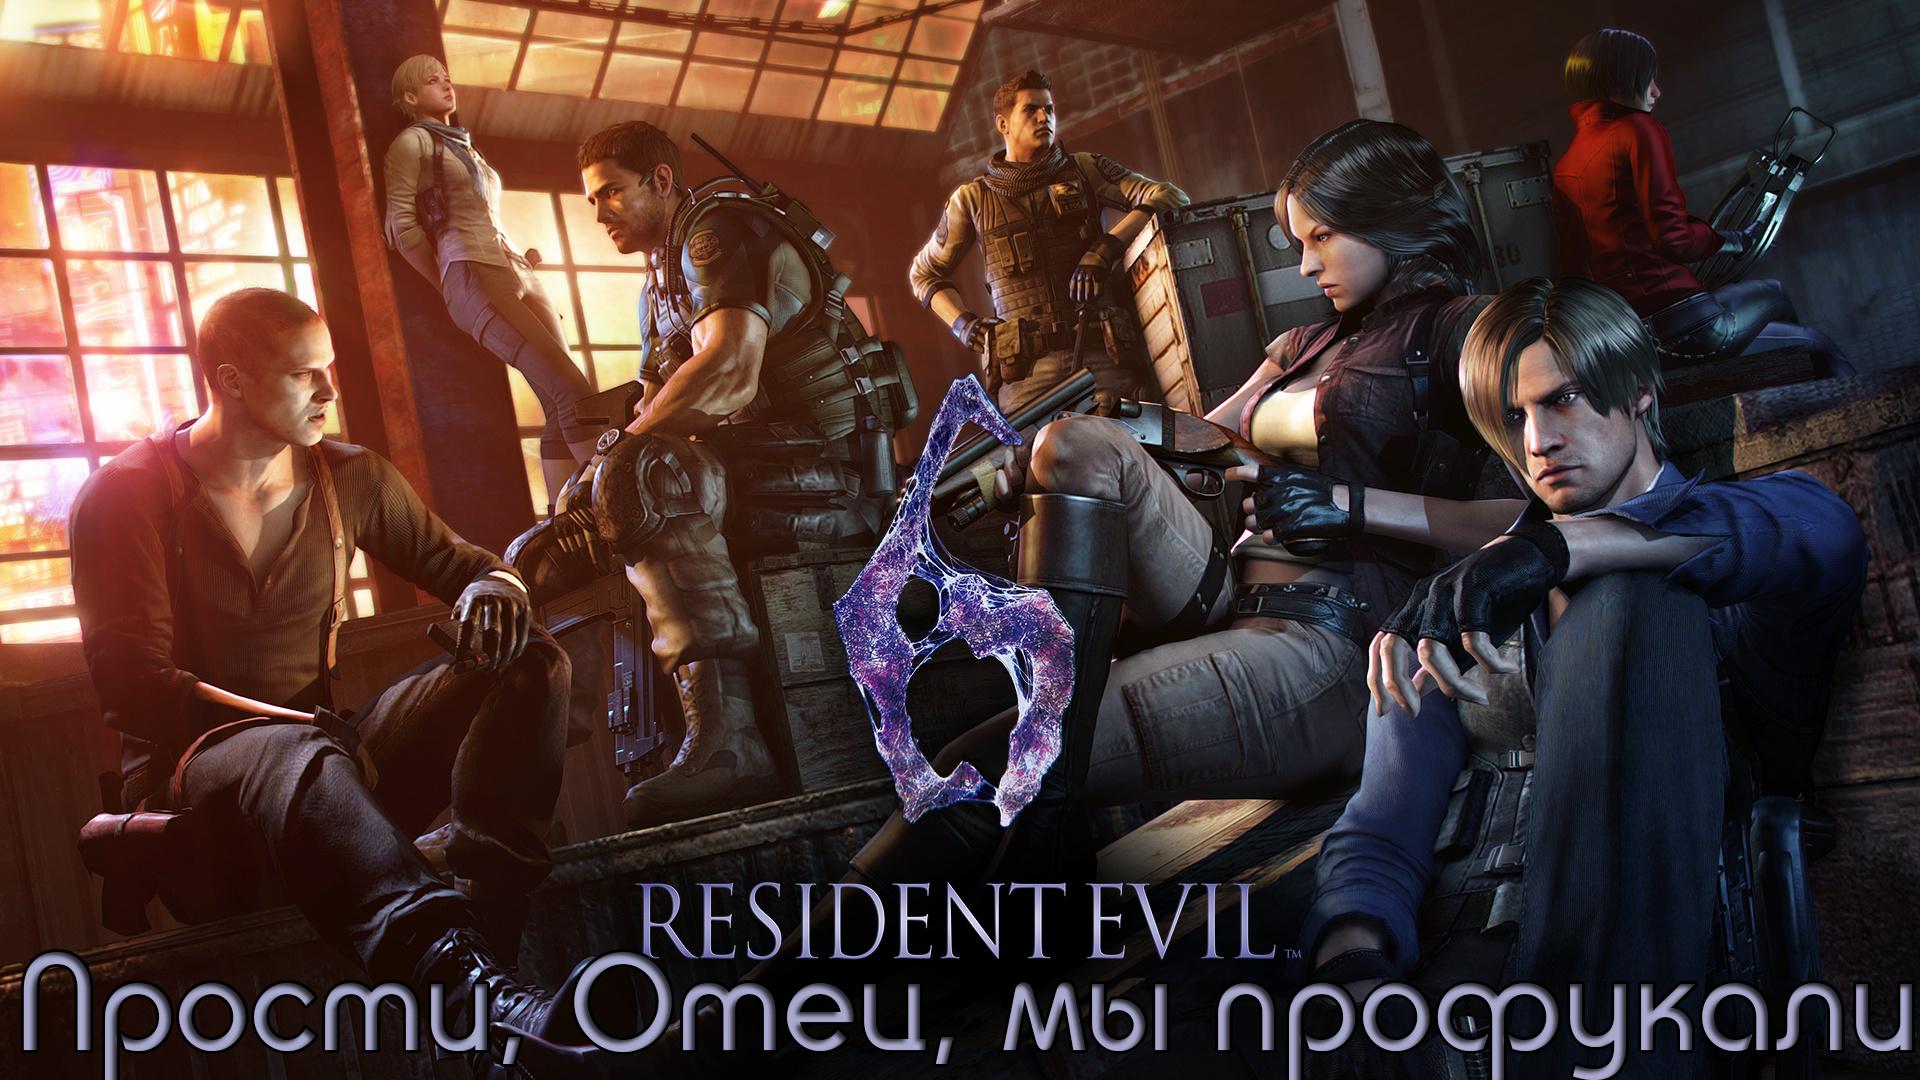 Прости, Отец, мы профукали Resident Evil 6  [часть 1]  - Изображение 1